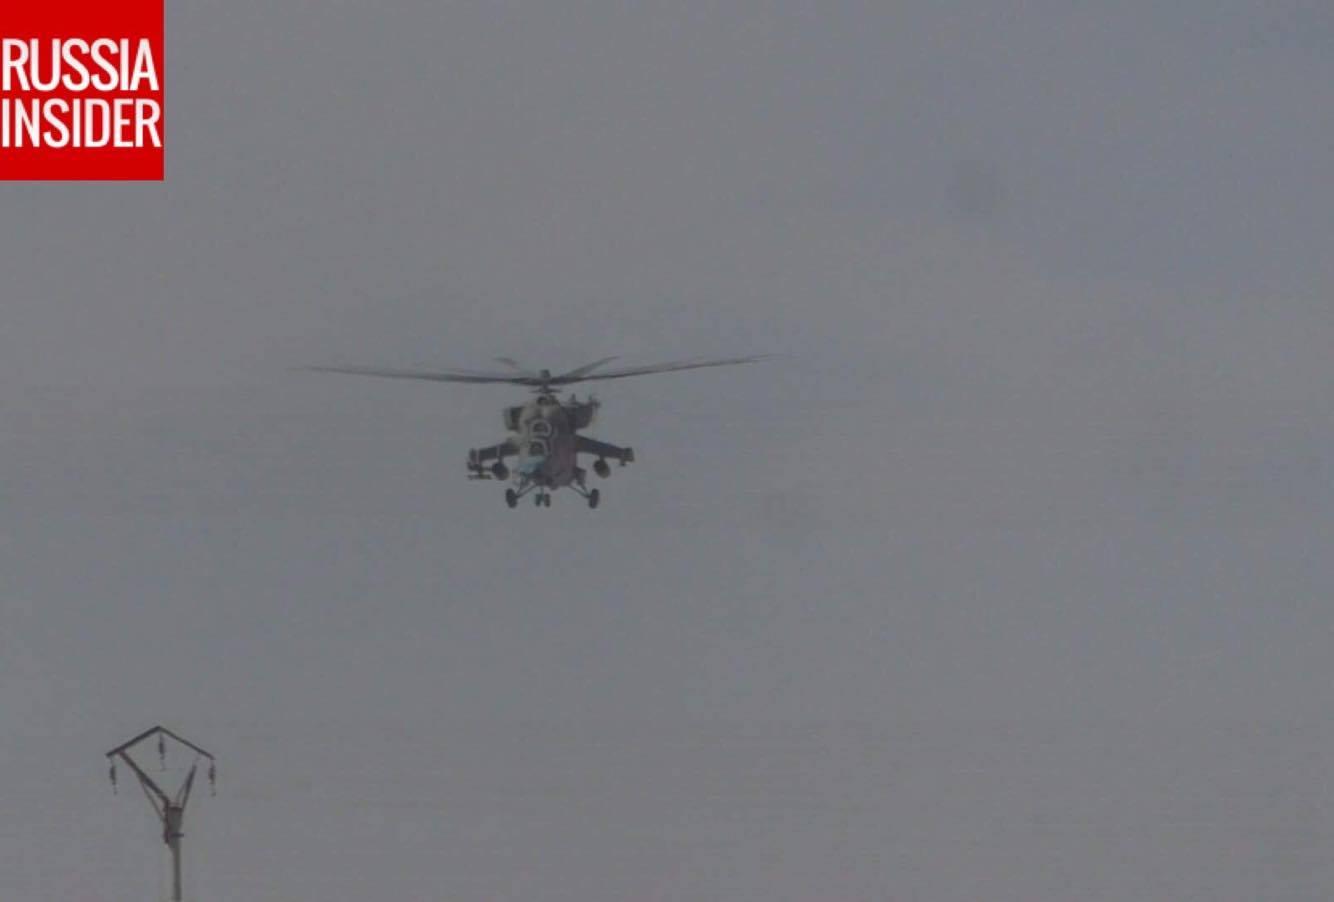 Ξεκινάει η μητέρα των μαχών για Deir Ezzor: Στη Συρία ο Ρώσος Α/ΓΕΕΘΑ – Οι ρωσικές δυνάμεις με τεράστια δύναμη πυρός σημαδεύουν τις ΝΑΤΟϊκές στη Ν.Συρία – Ρωσικό μαχητικό αναχαίτισε αμερικανικό αεροσκάφος – Δείτε βίντεο και εικόνες - Εικόνα4